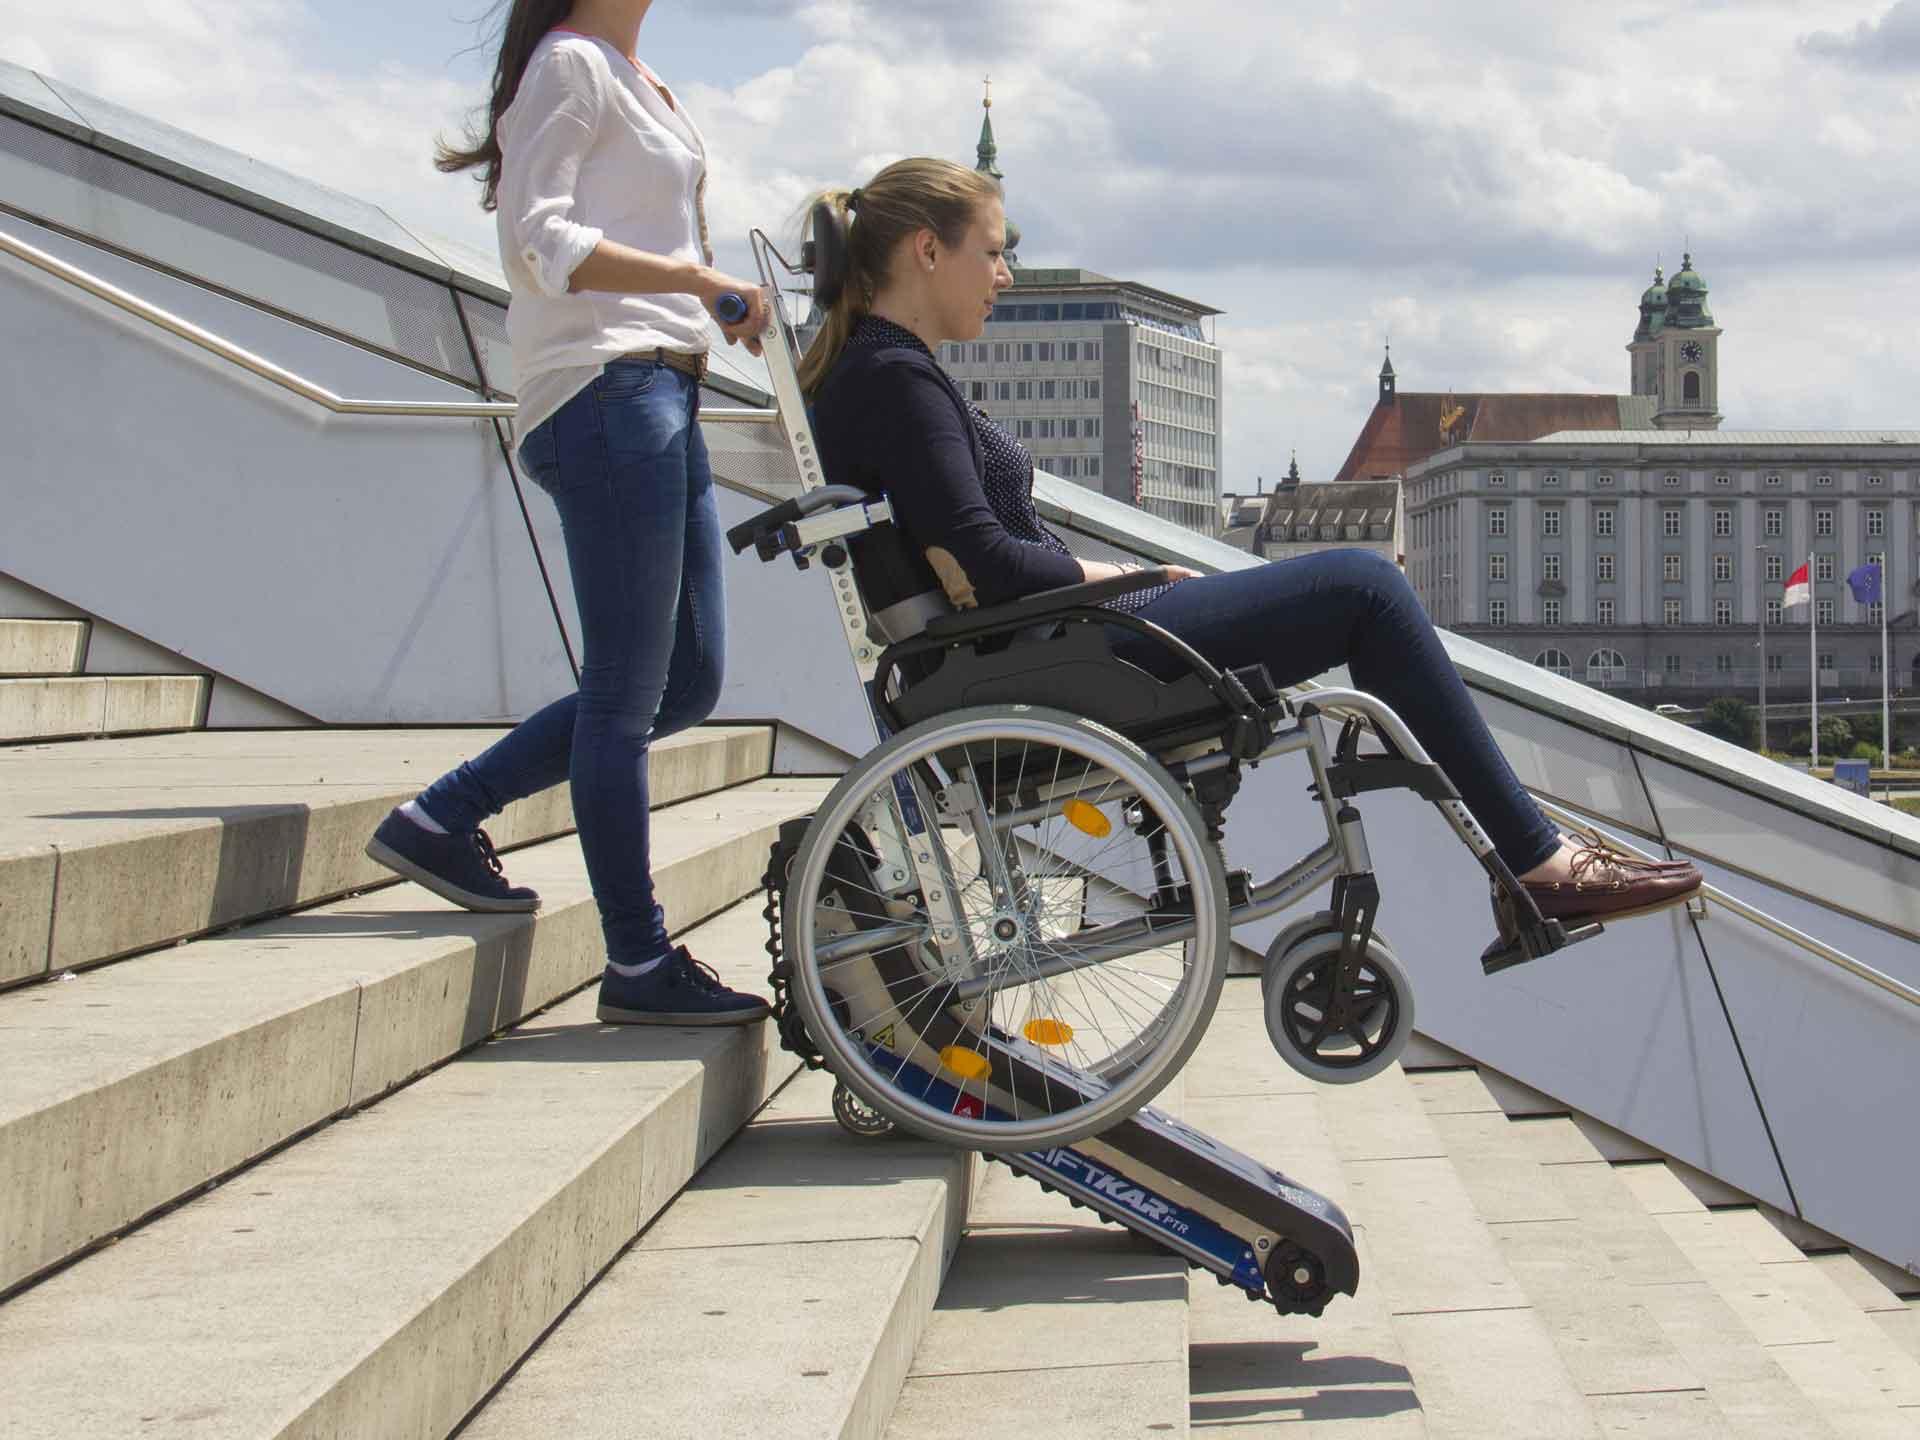 Location de monte escaliers à chenillettes pour déplacement de pmr et handicapés